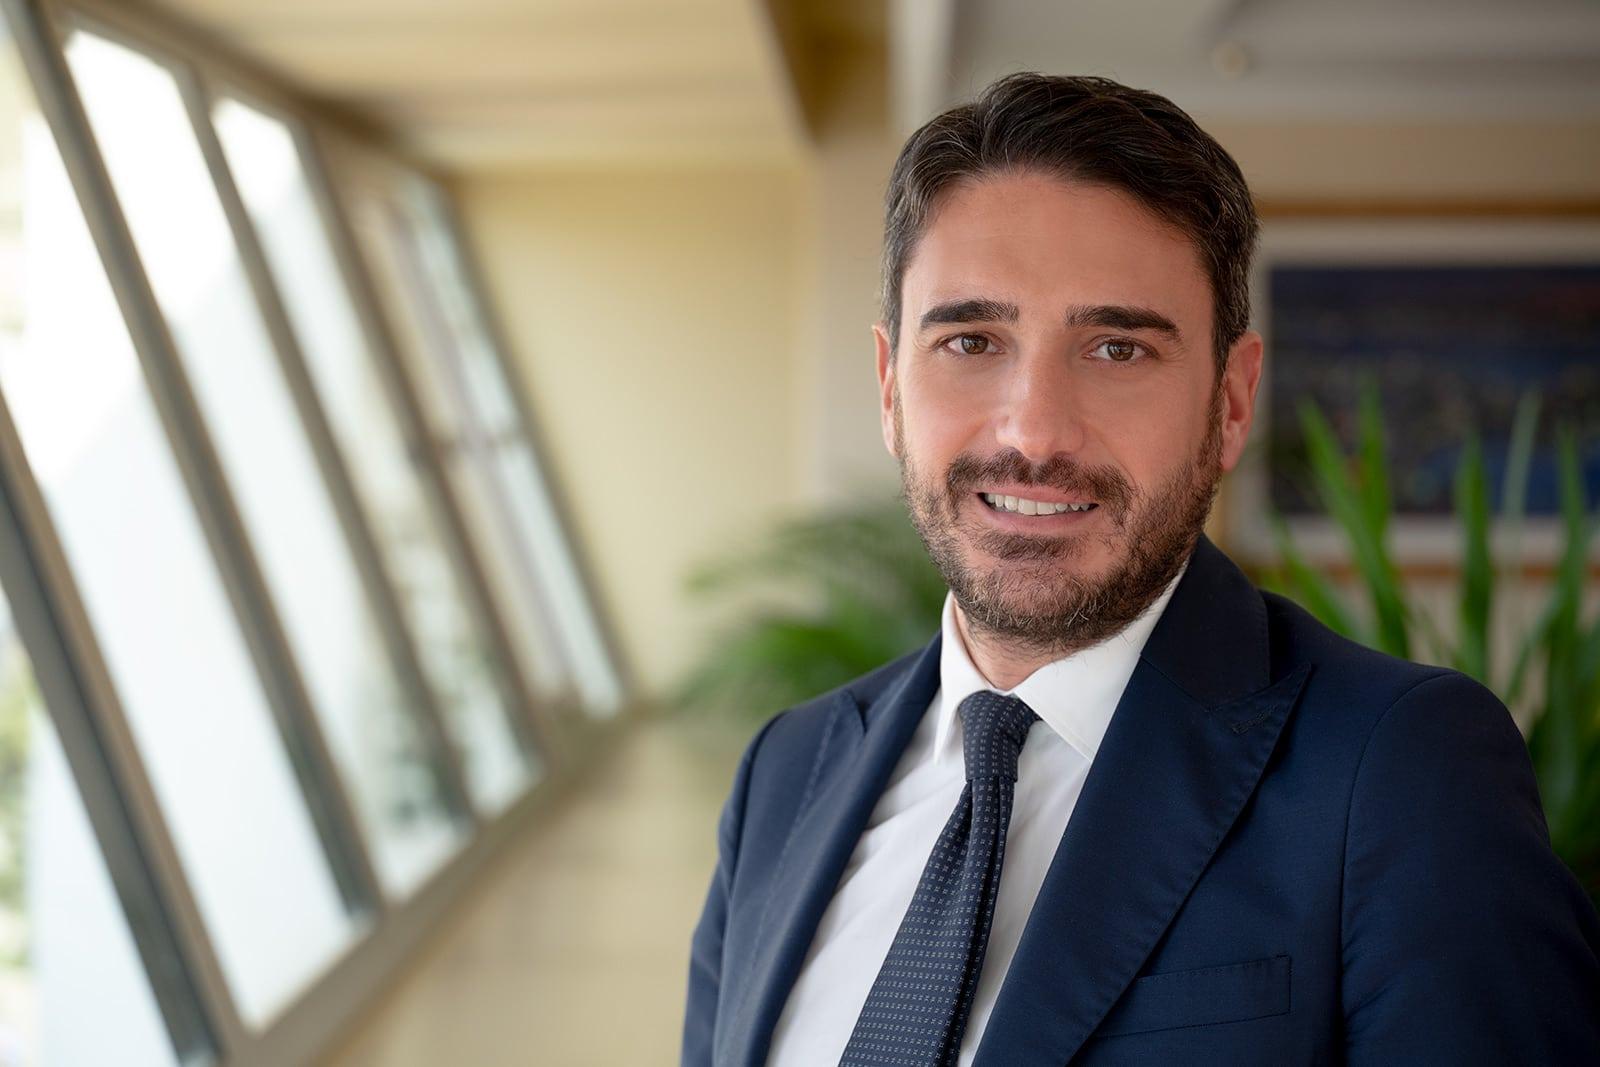 Fotografo ritratto politico Calabria